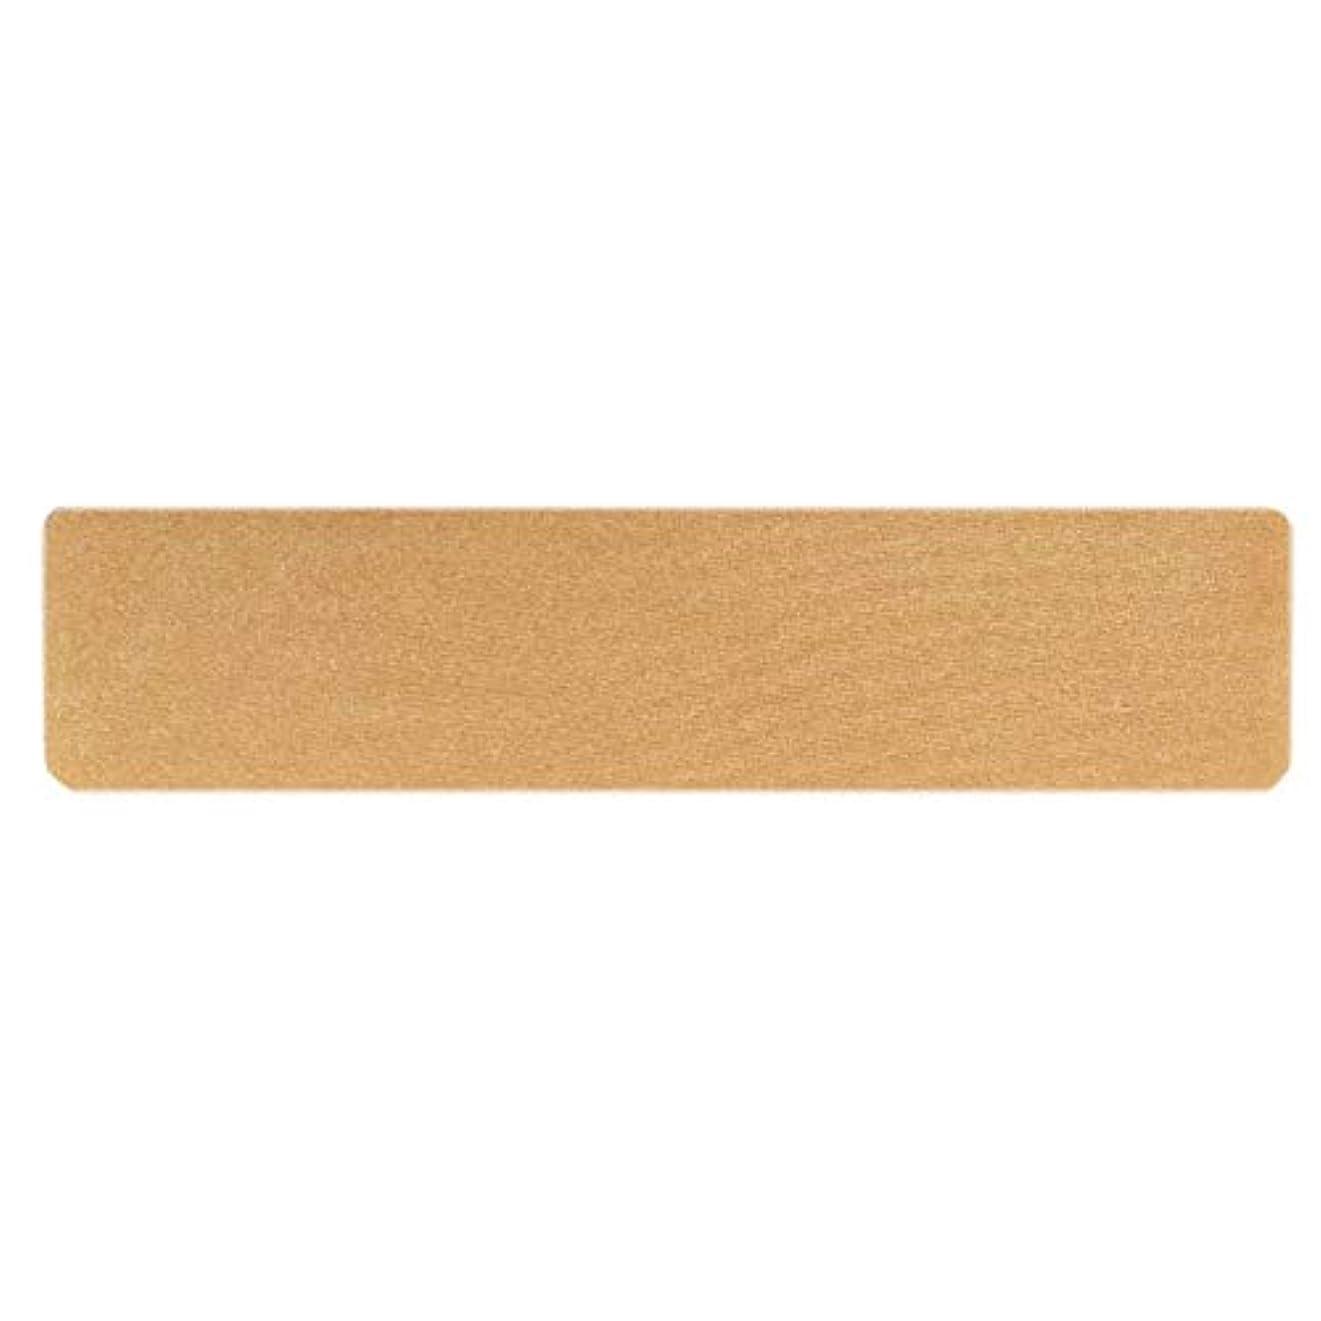 クランプ不潔削減弾力性シリコーン瘢痕ゲルアウェイストリップ貼り付け医療外傷熱傷皮膚修復瘢痕治療パッチRemovel瘢痕 - 皮膚